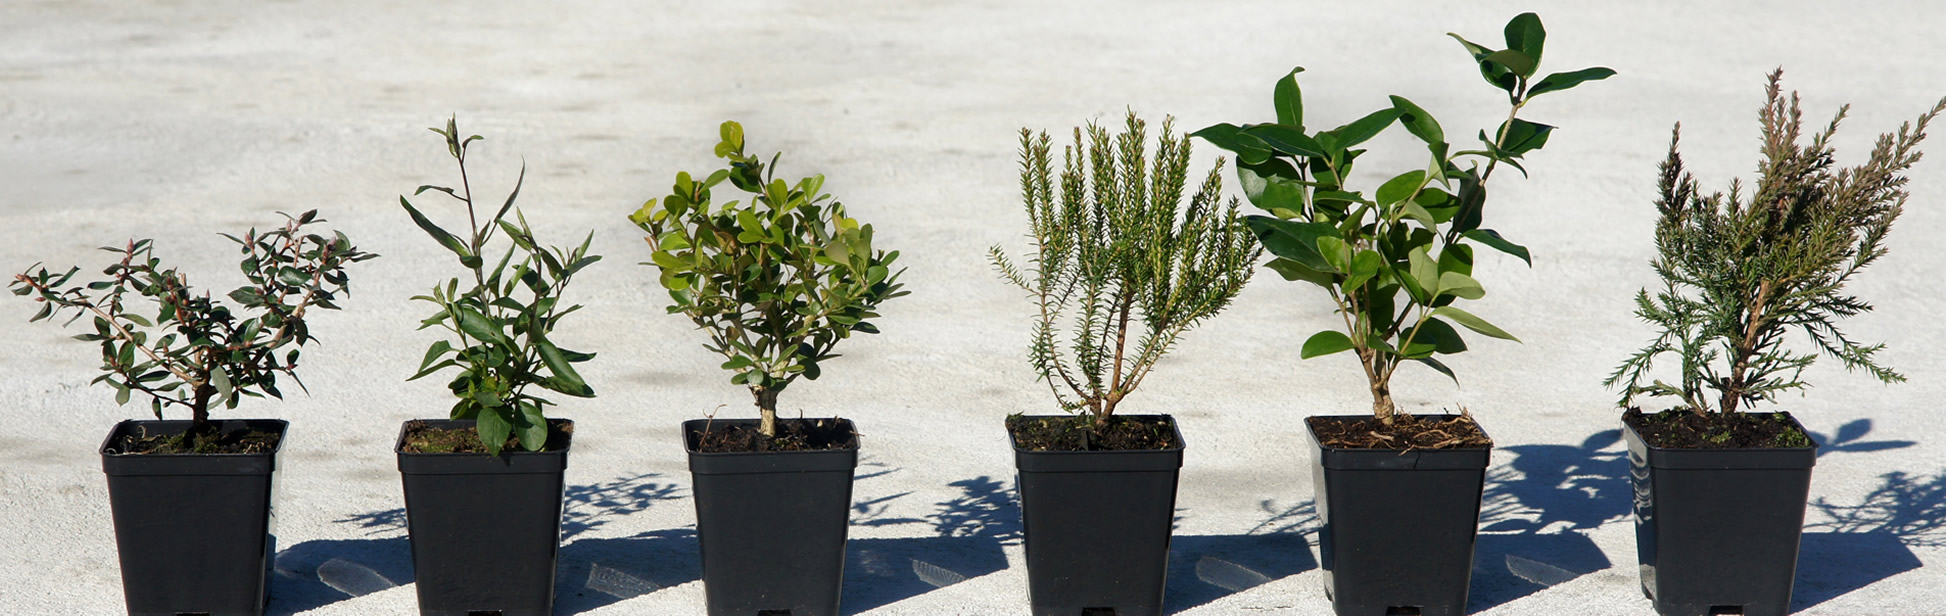 giovani piante in vasi